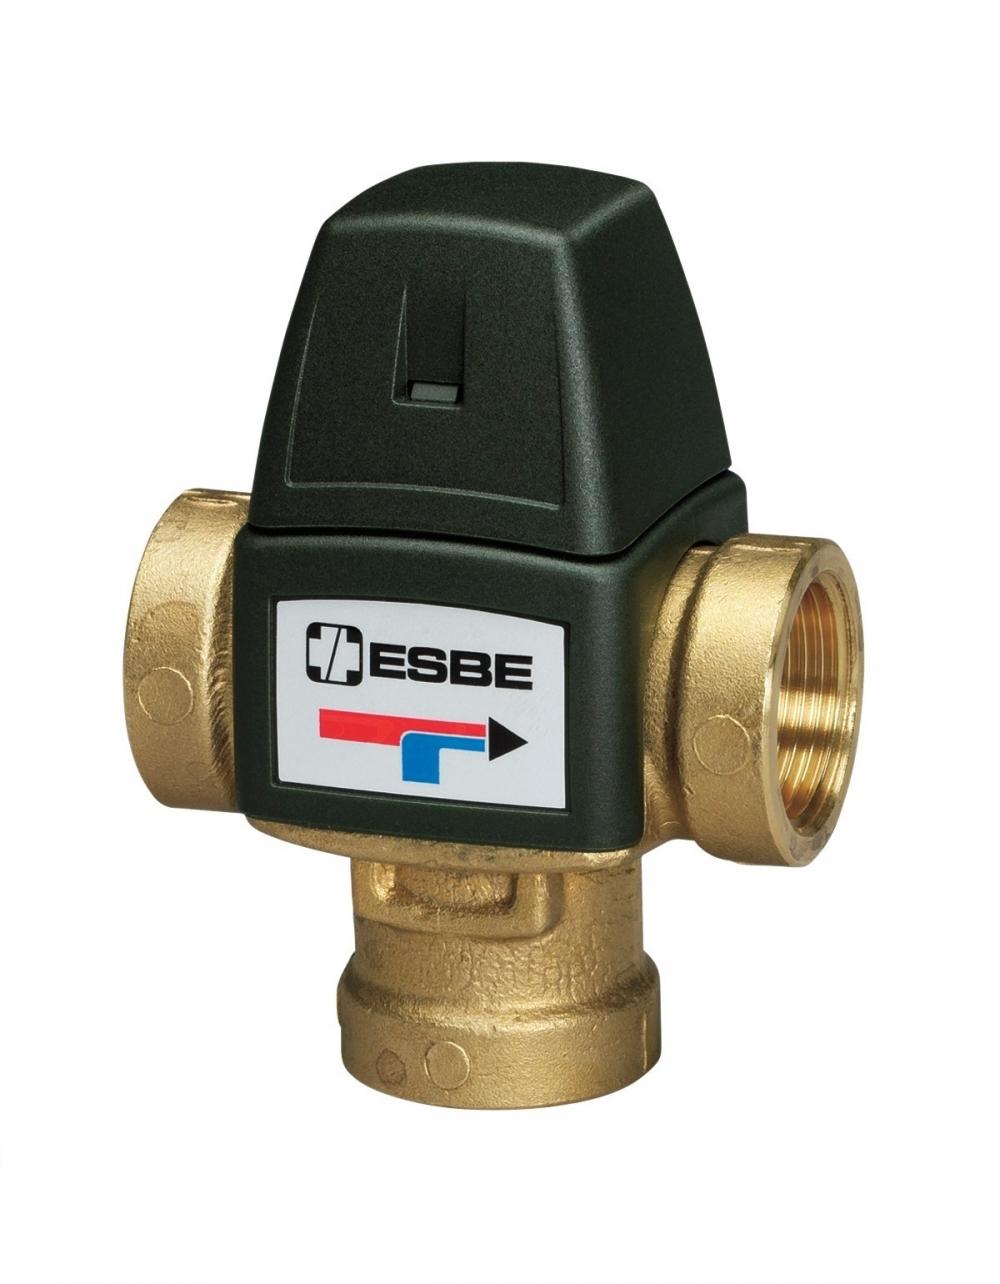 """Термостатический клапан 3/4"""" ESBE VTA321 с защитой от ожогов для ГВС T=35-60°C Rp 3/4"""" DN 20 Kvs 1,6 31100800 - 3"""